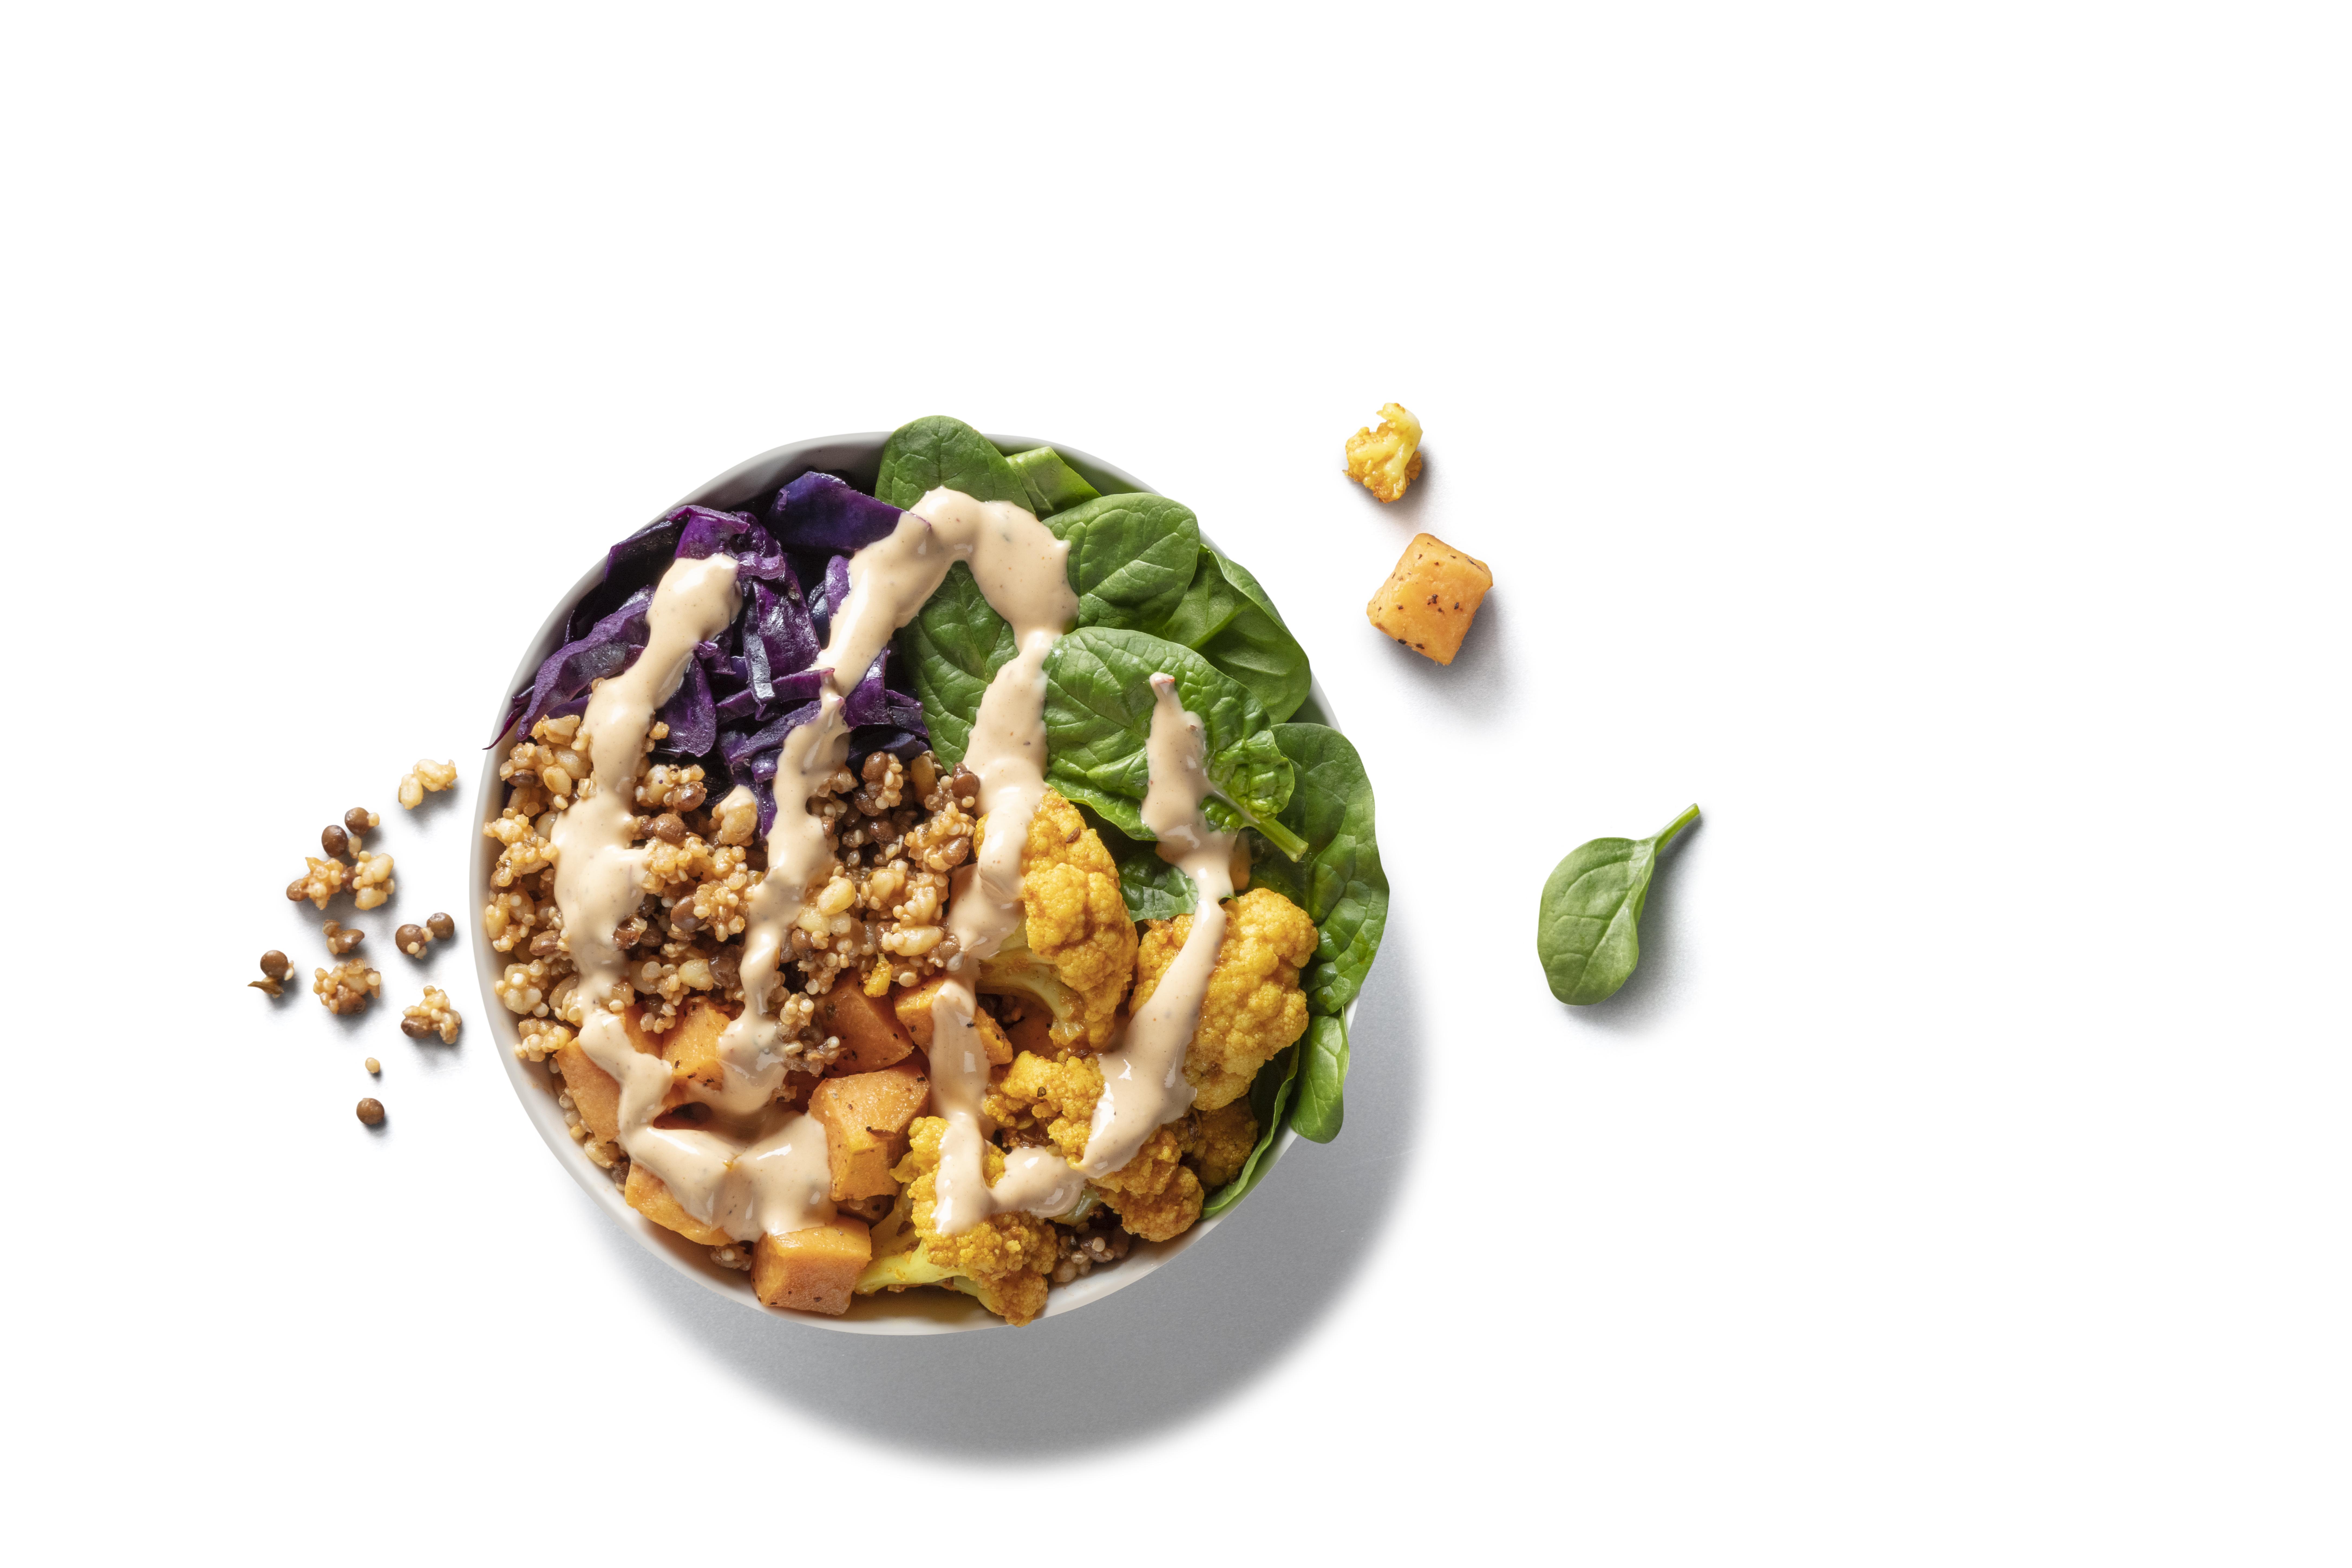 Vegan-Roasted-Vegetable-Salad